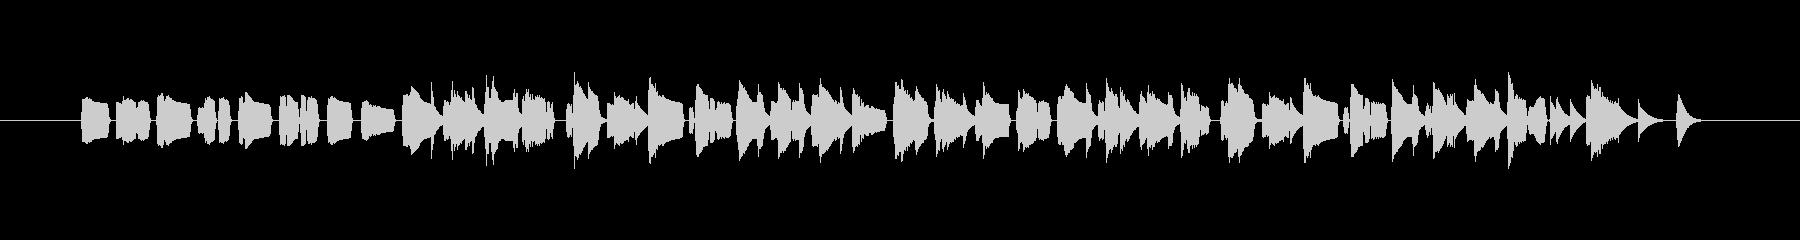 重厚なギター音で表現されるポップサウンドの未再生の波形